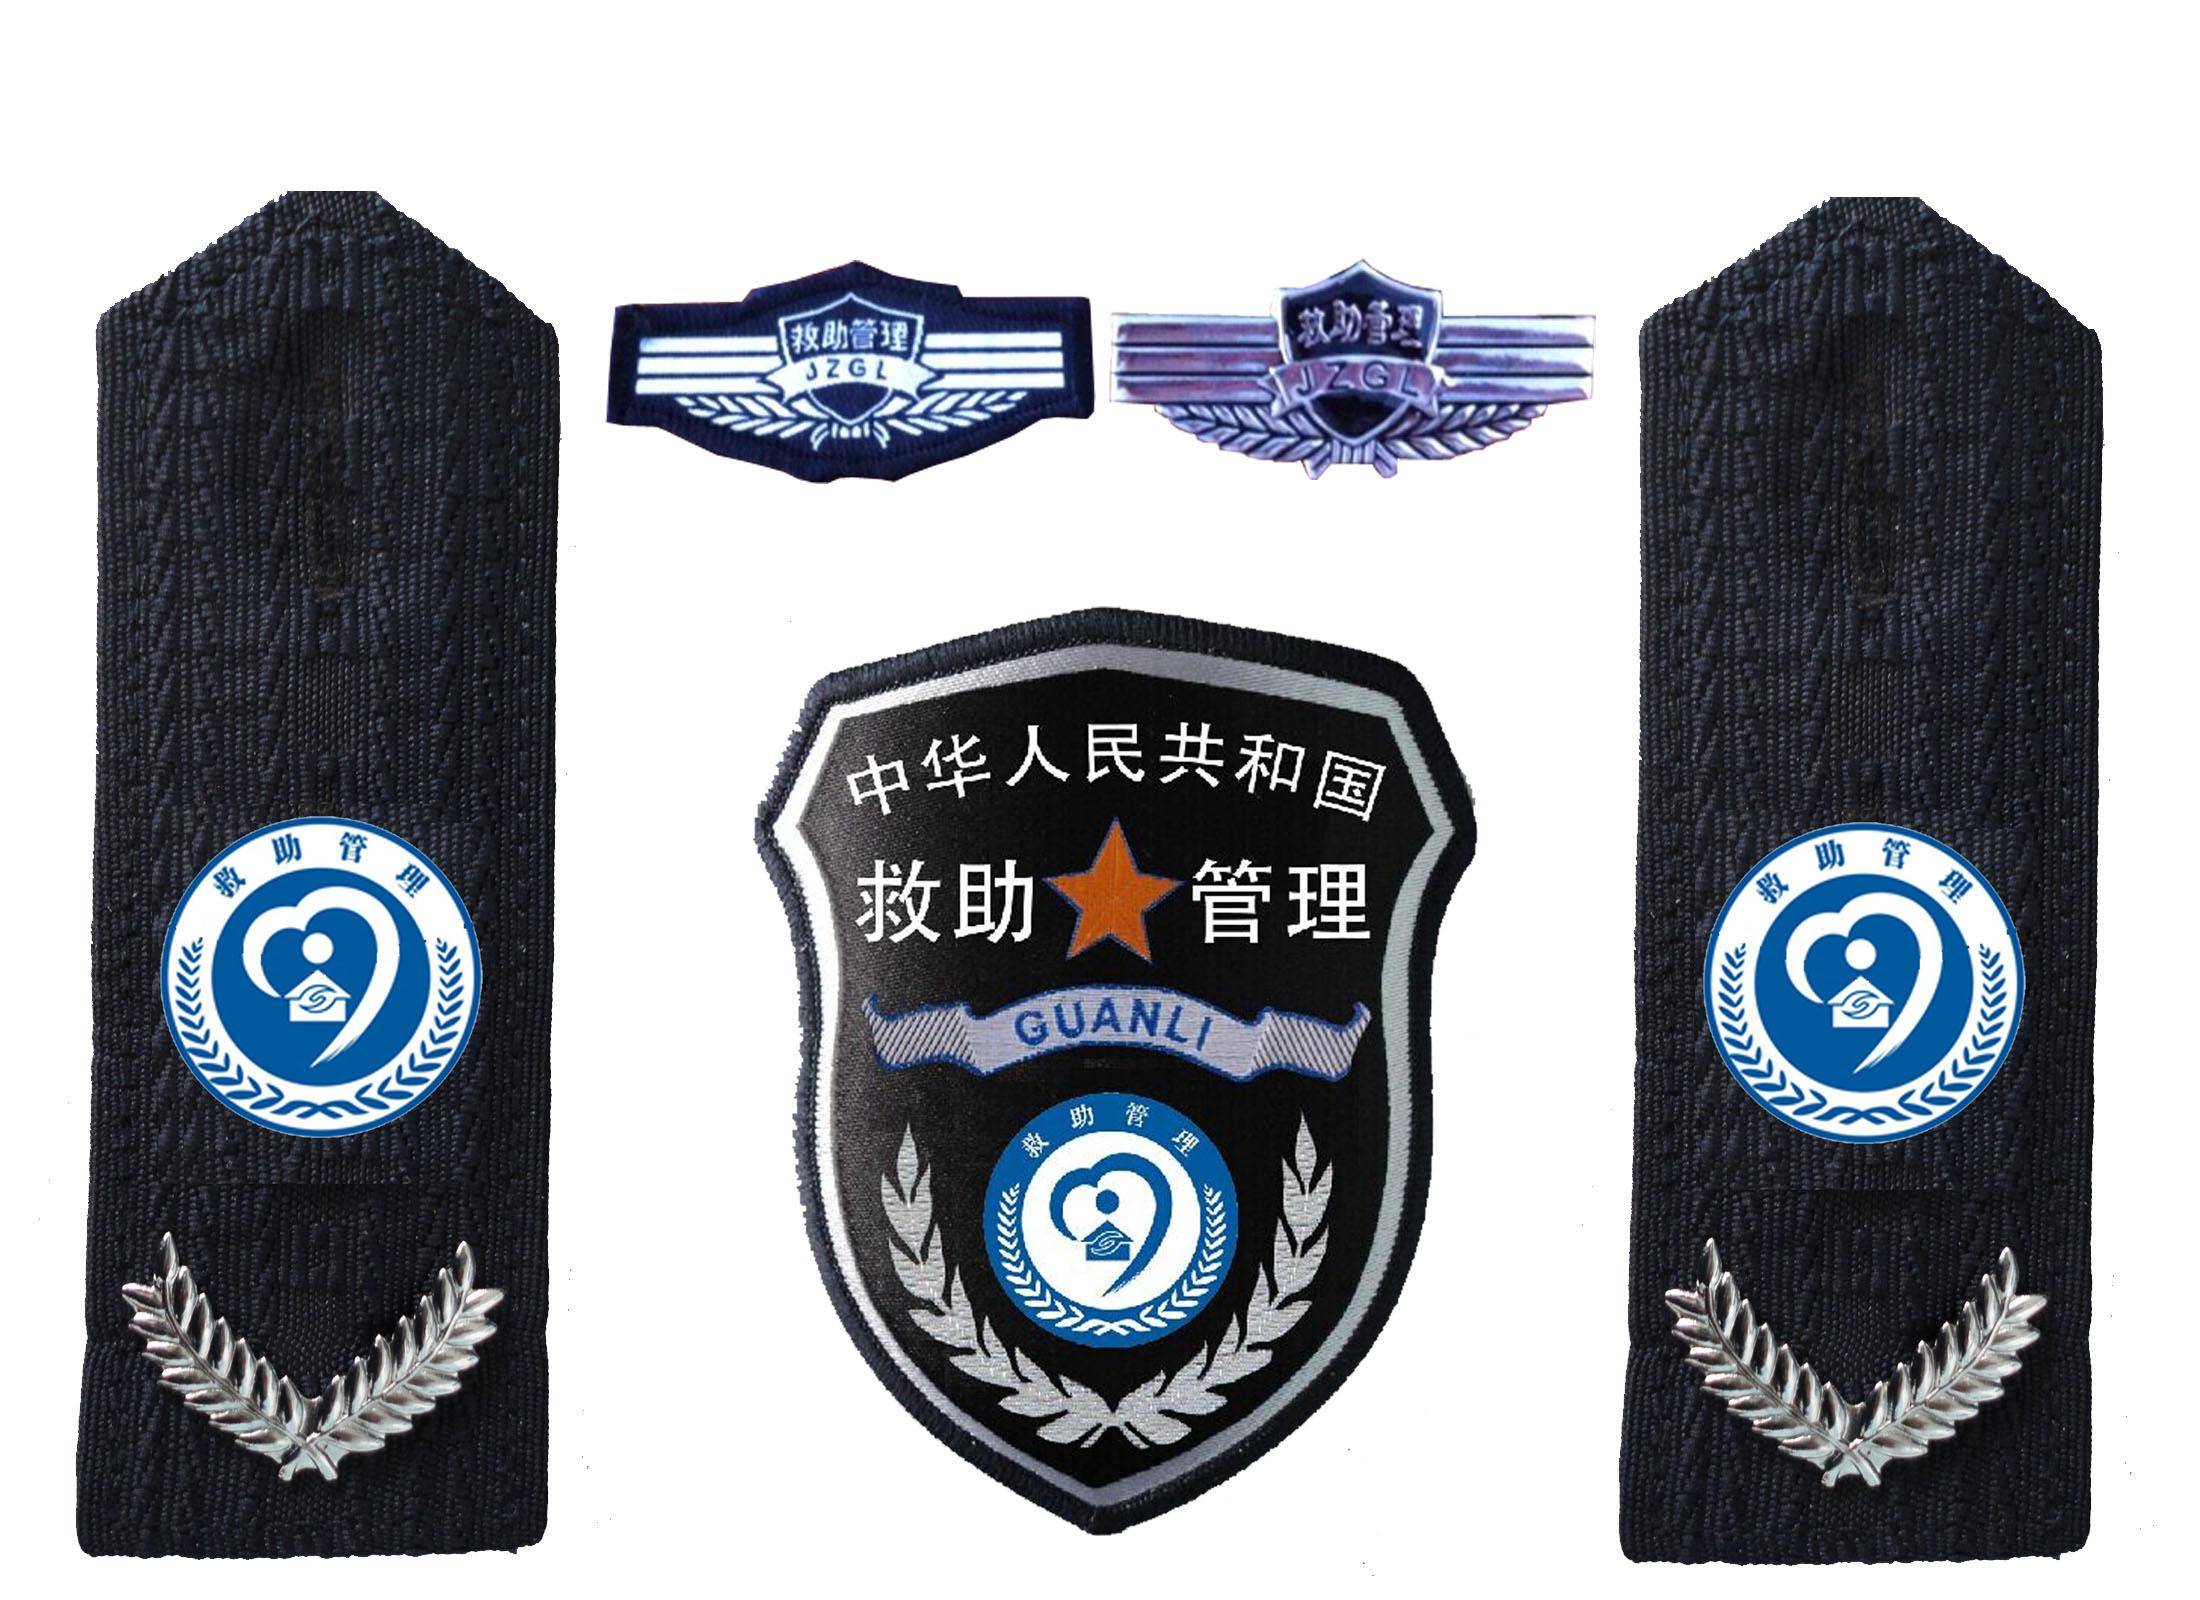 滨州信誉好的救助管理制服厂家定制